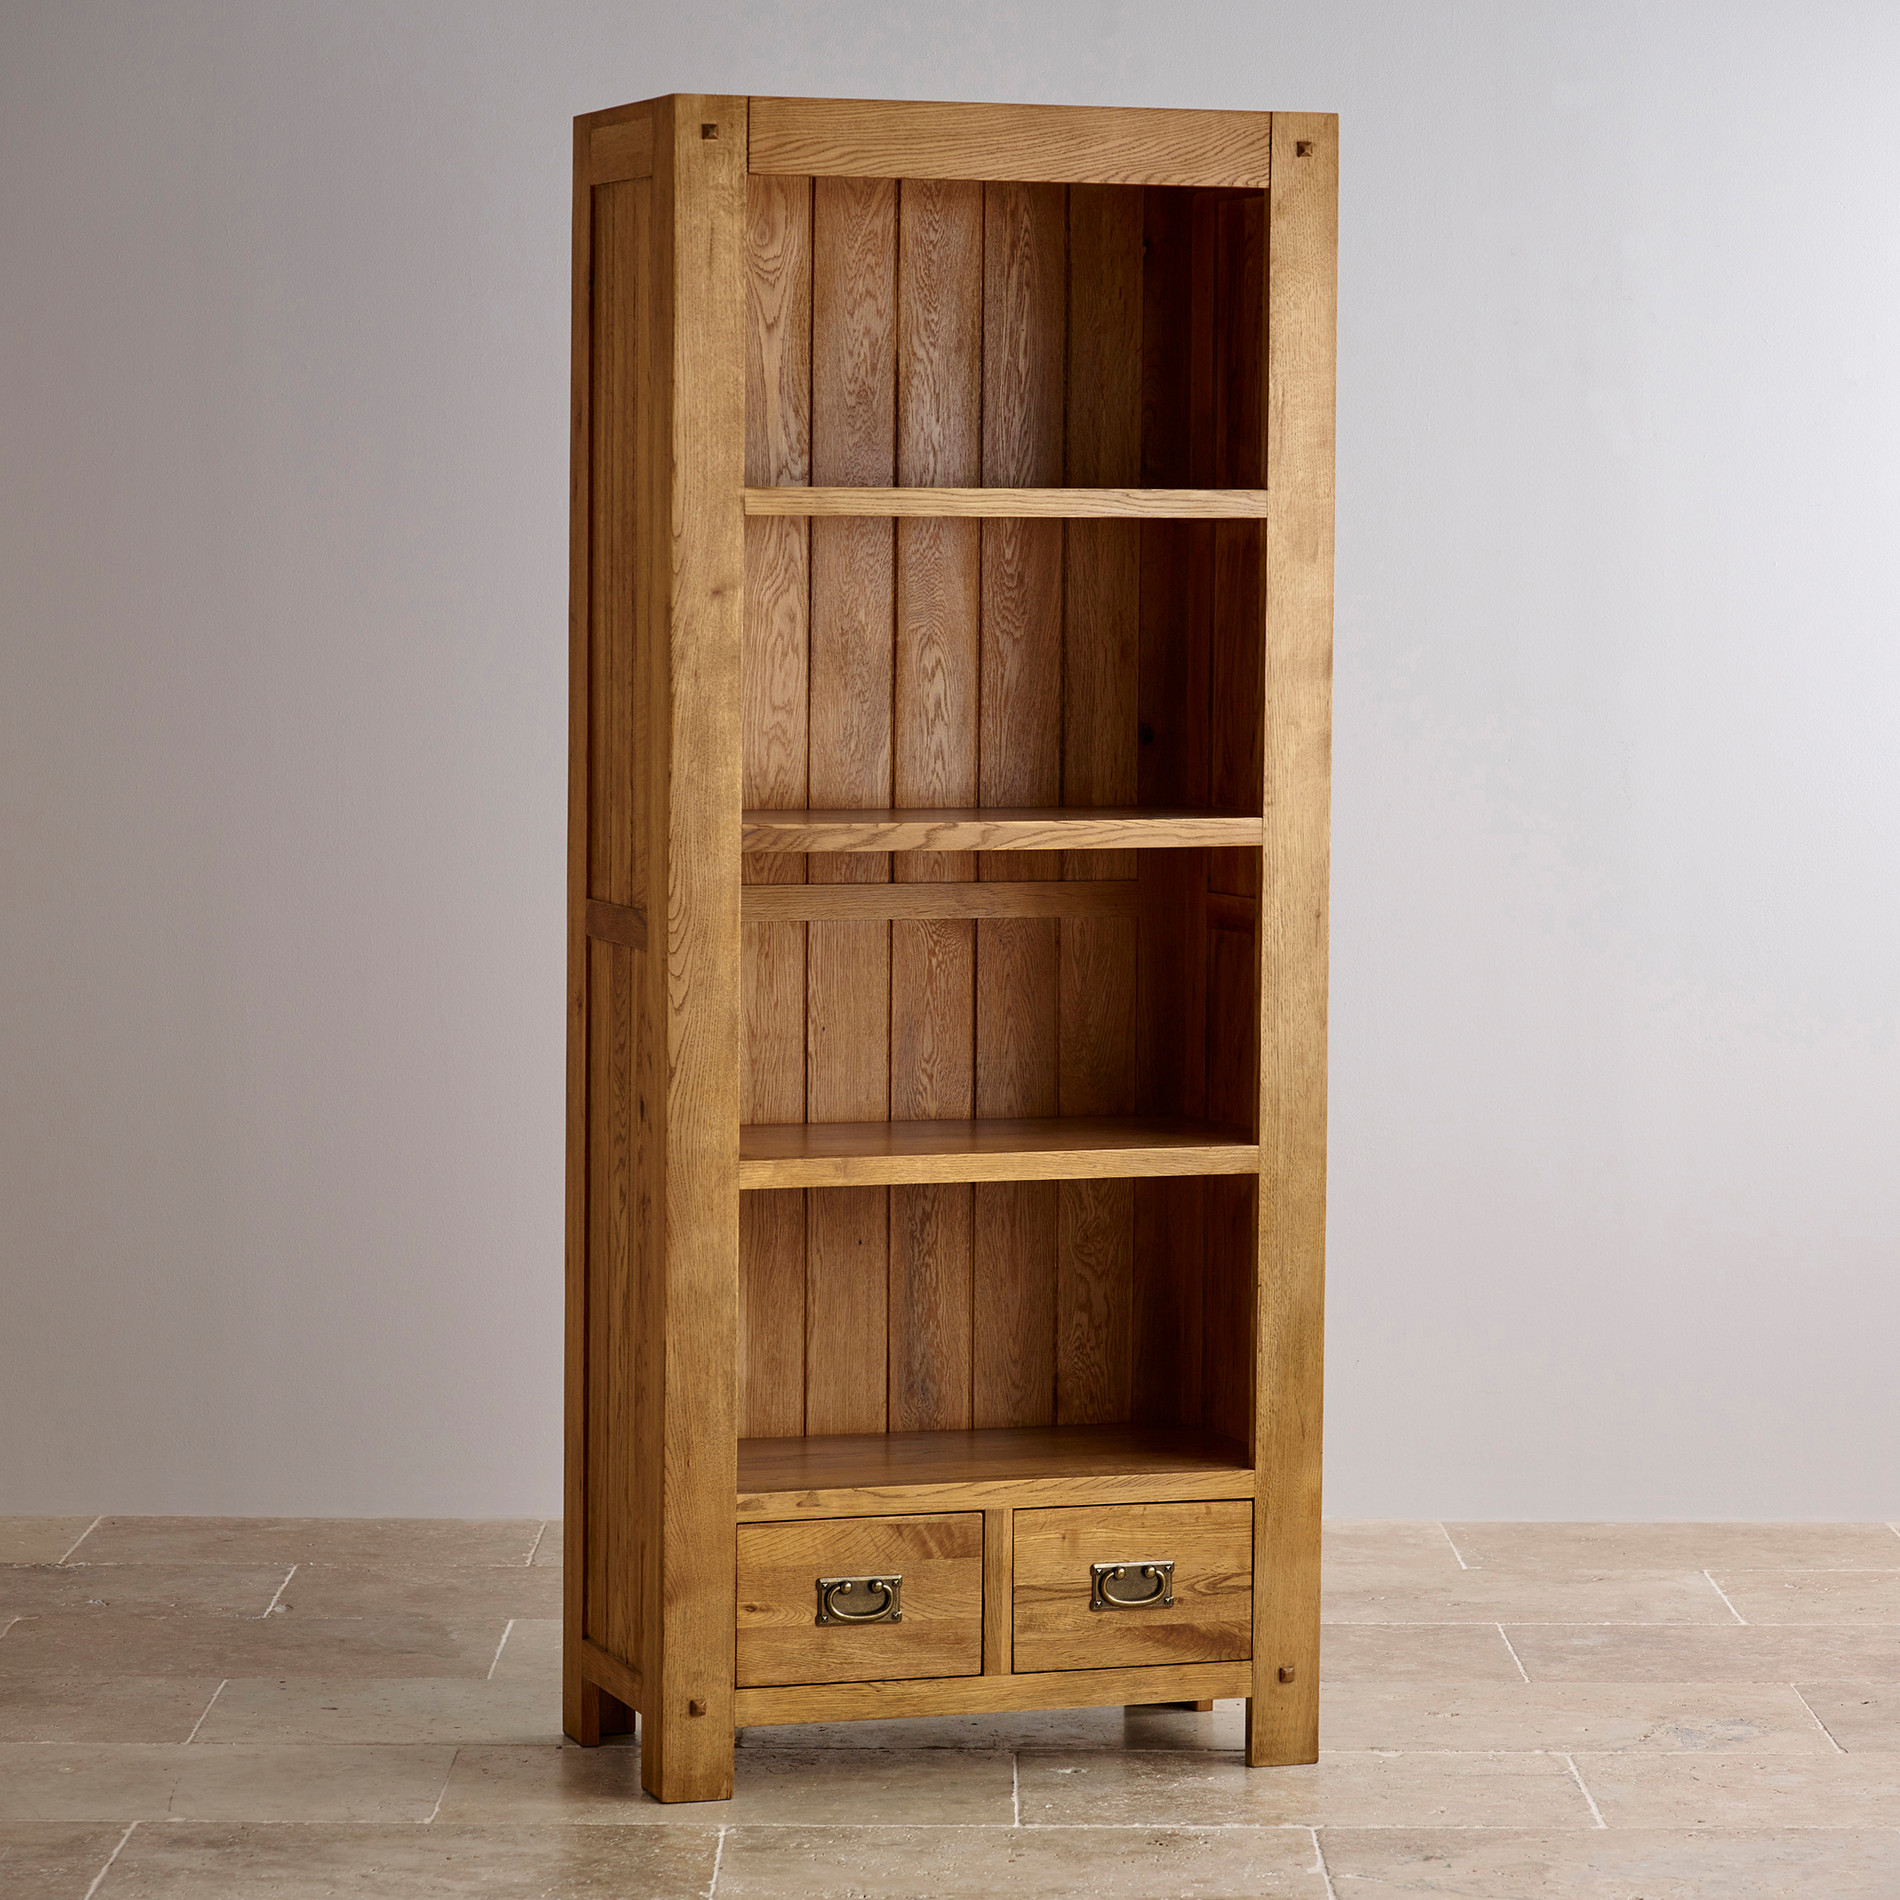 100 tall wooden shelves bar furniture tall dark brown woode